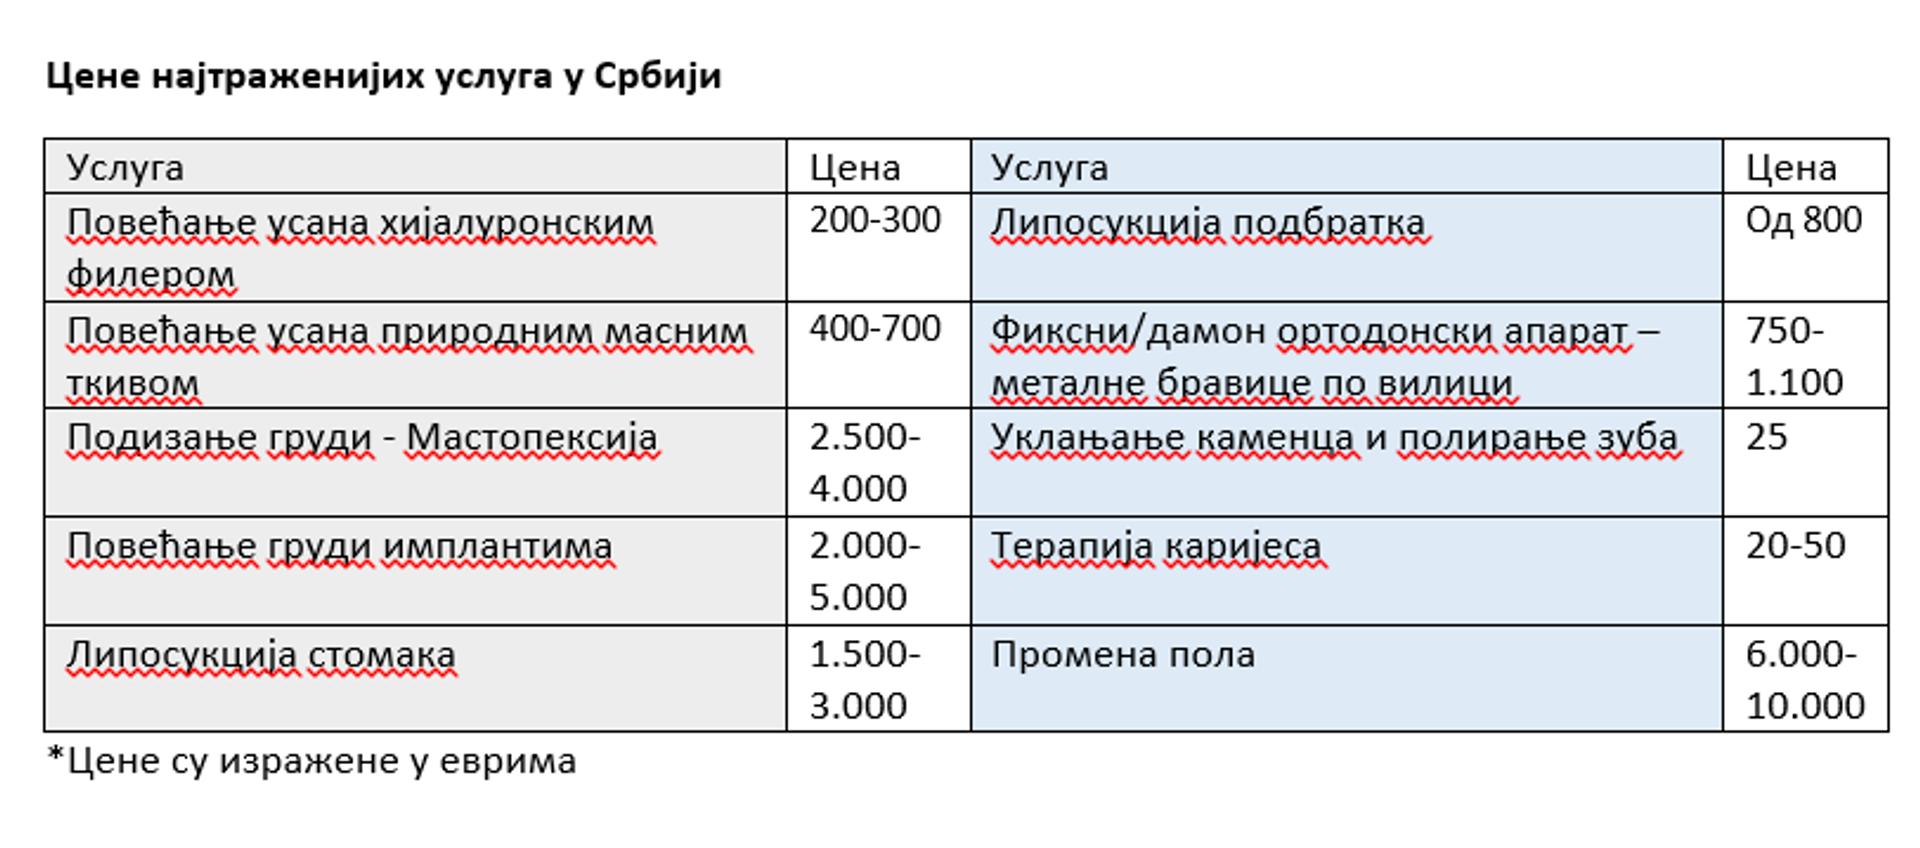 Cene najtraženijih medicinskih usluga u Srbiji - Sputnik Srbija, 1920, 09.10.2021